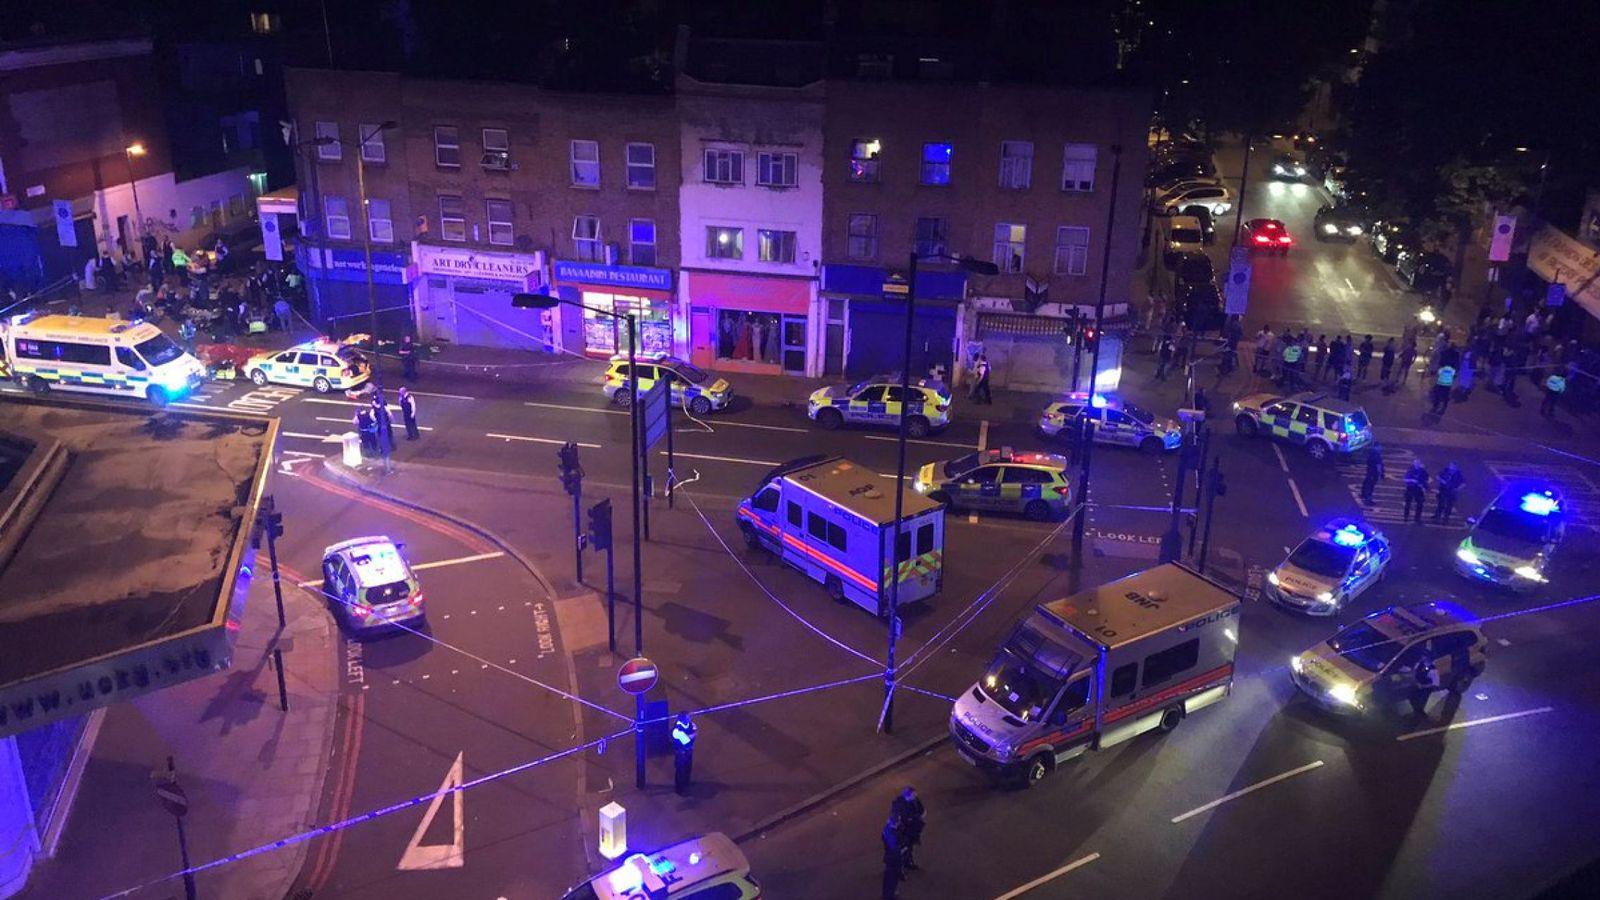 Foto: La Policía Metropolitana de Londres acordona la zona del atropello múltiple en Finsbury Park, norte de Londres. (Reuters)